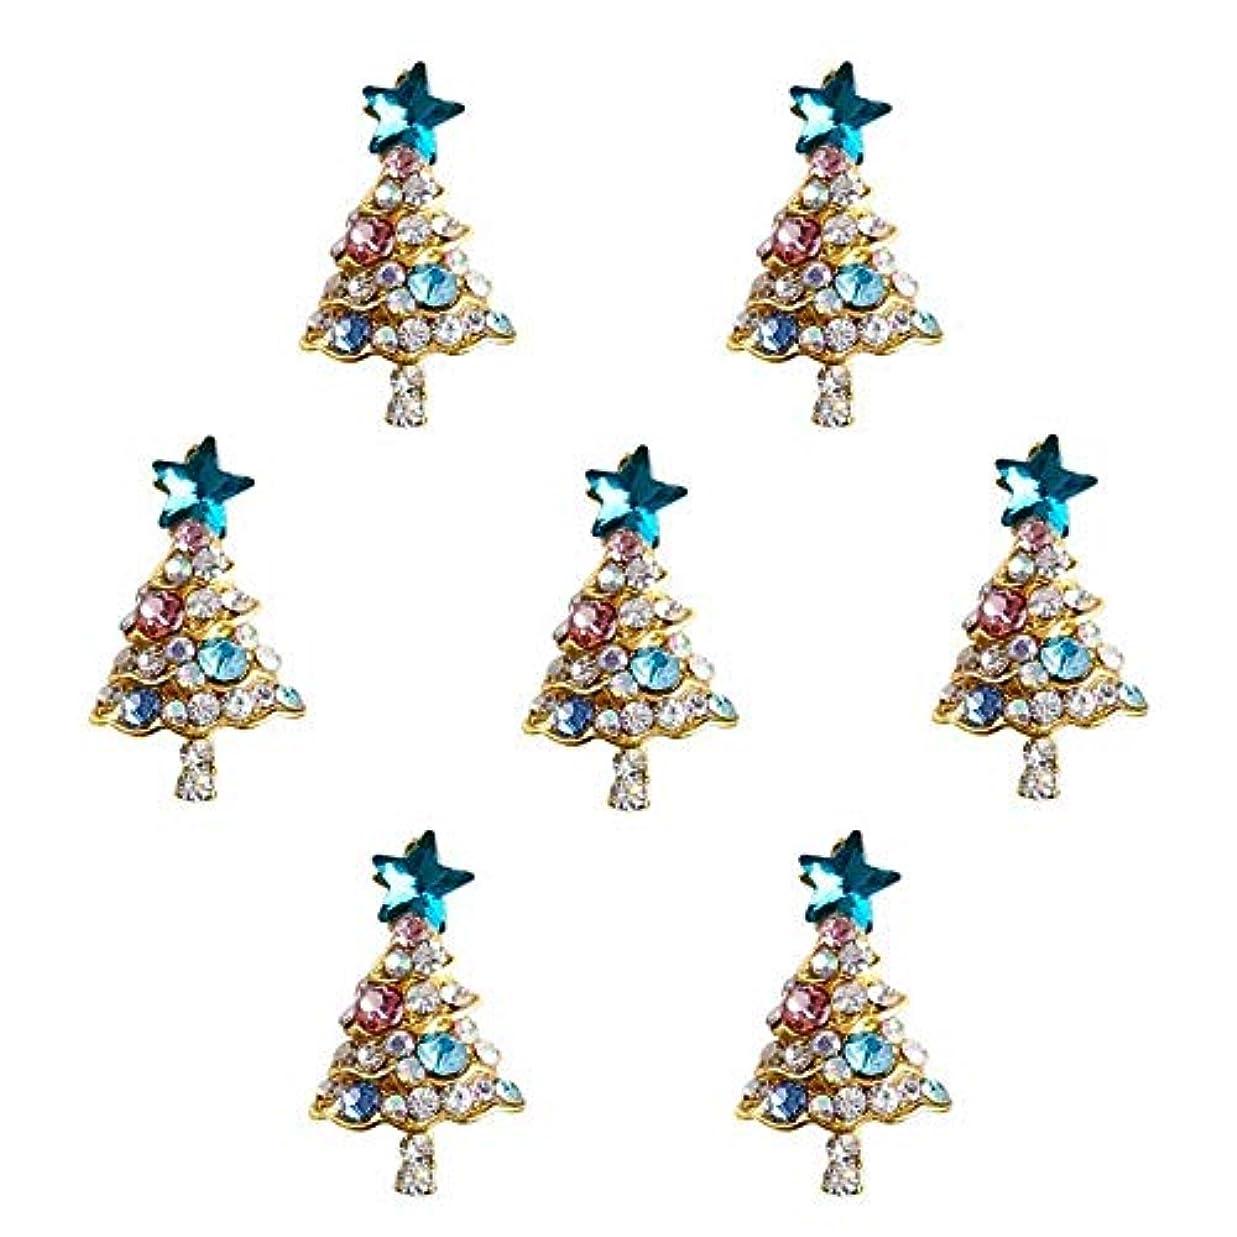 何もないどうしたのティッシュ10個入り/ロット3Dラインストーンの装飾ブルーグリッタースタークリスマスツリーのデザイン接着剤ネイルアートDIYスタッドは、合金用品